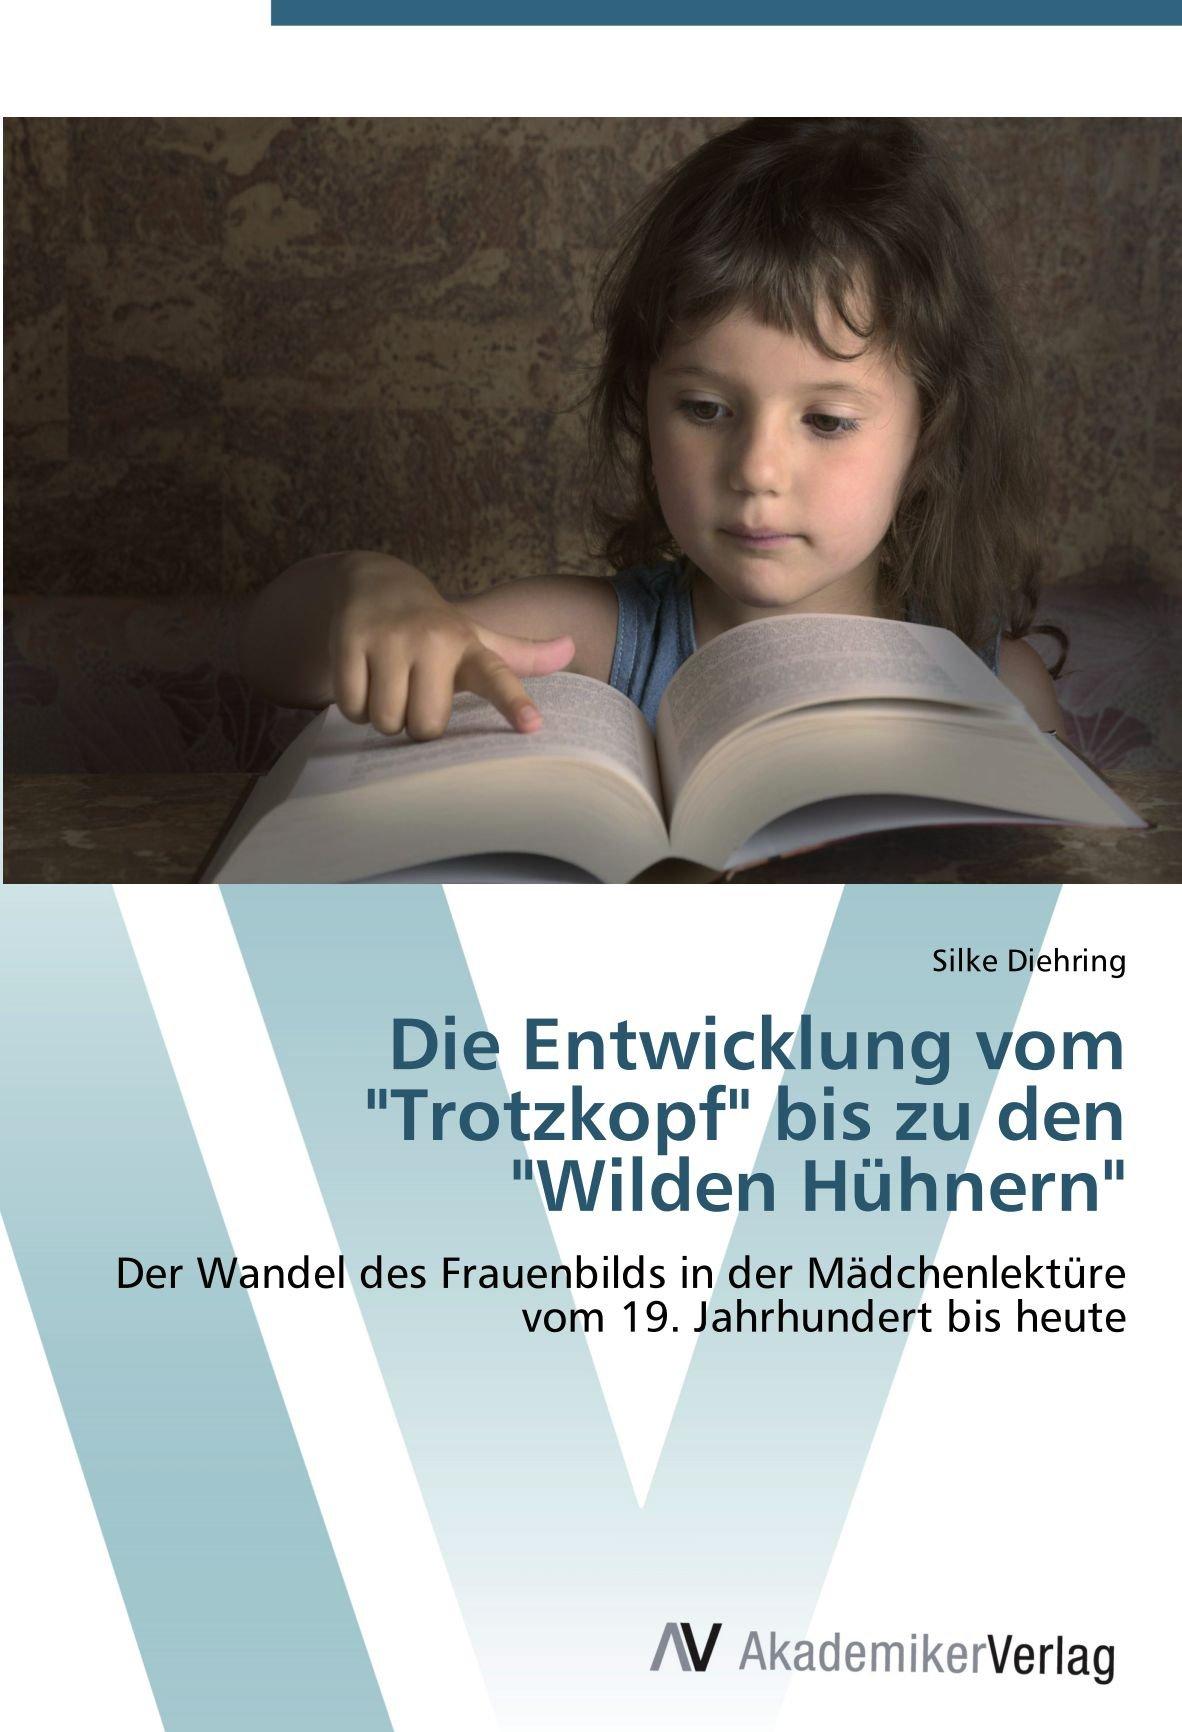 """Read Online Die Entwicklung vom """"Trotzkopf"""" bis zu den """"Wilden Hühnern"""": Der Wandel des Frauenbilds in der Mädchenlektüre vom 19. Jahrhundert bis heute (German Edition) PDF"""